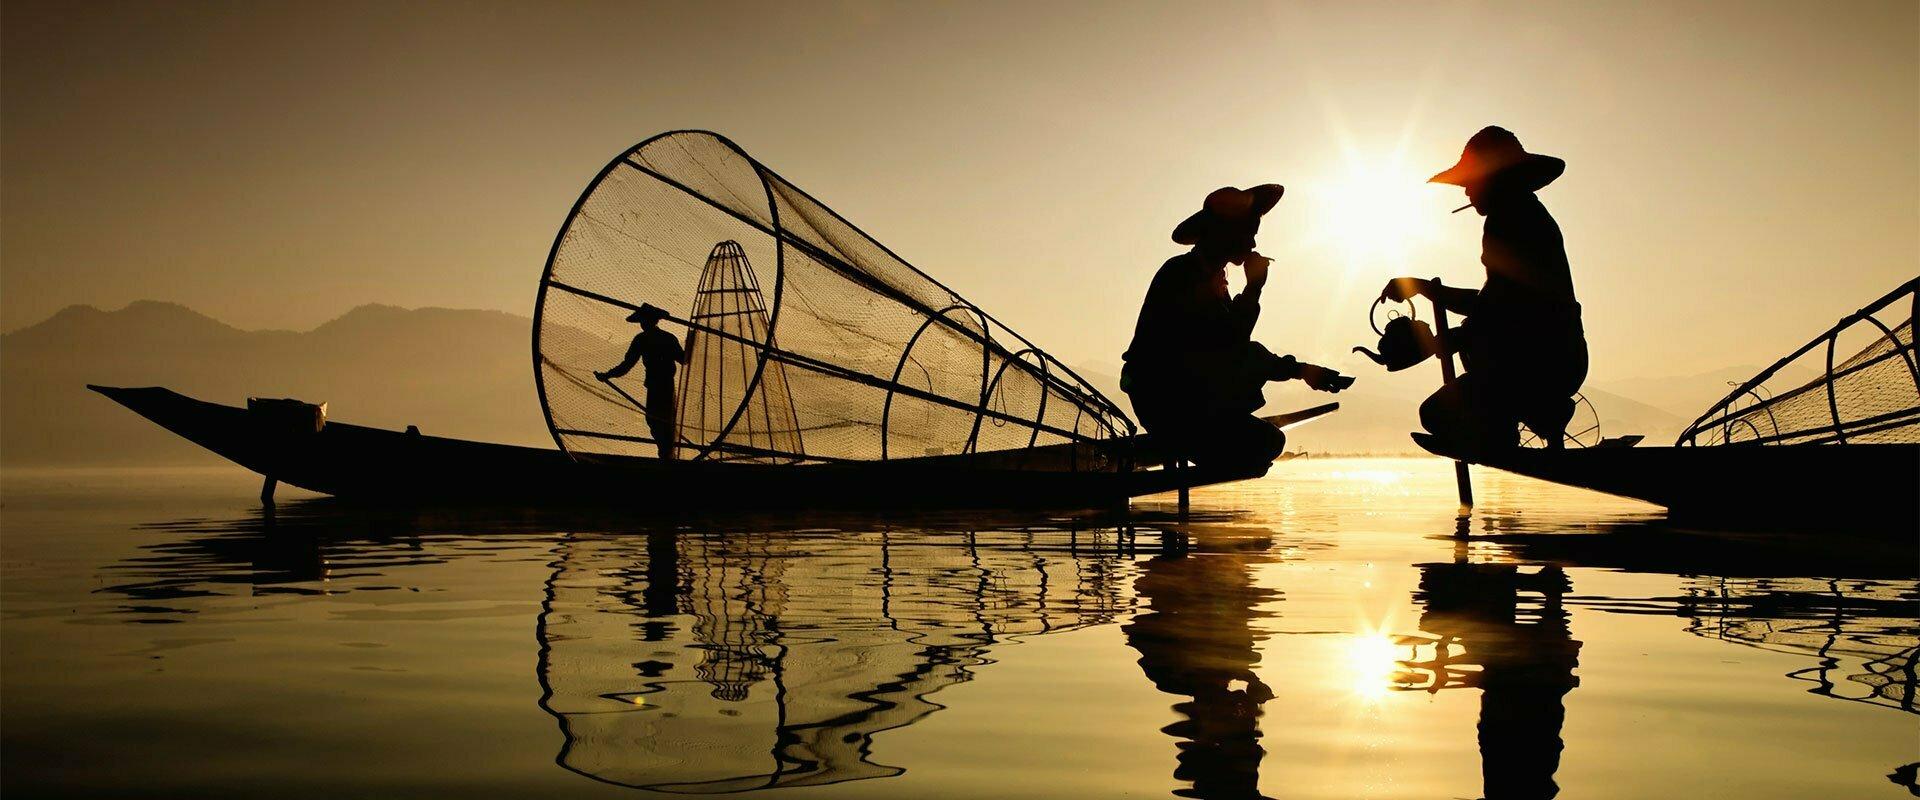 Pêcheurs buvant un café perchés sur leur barque